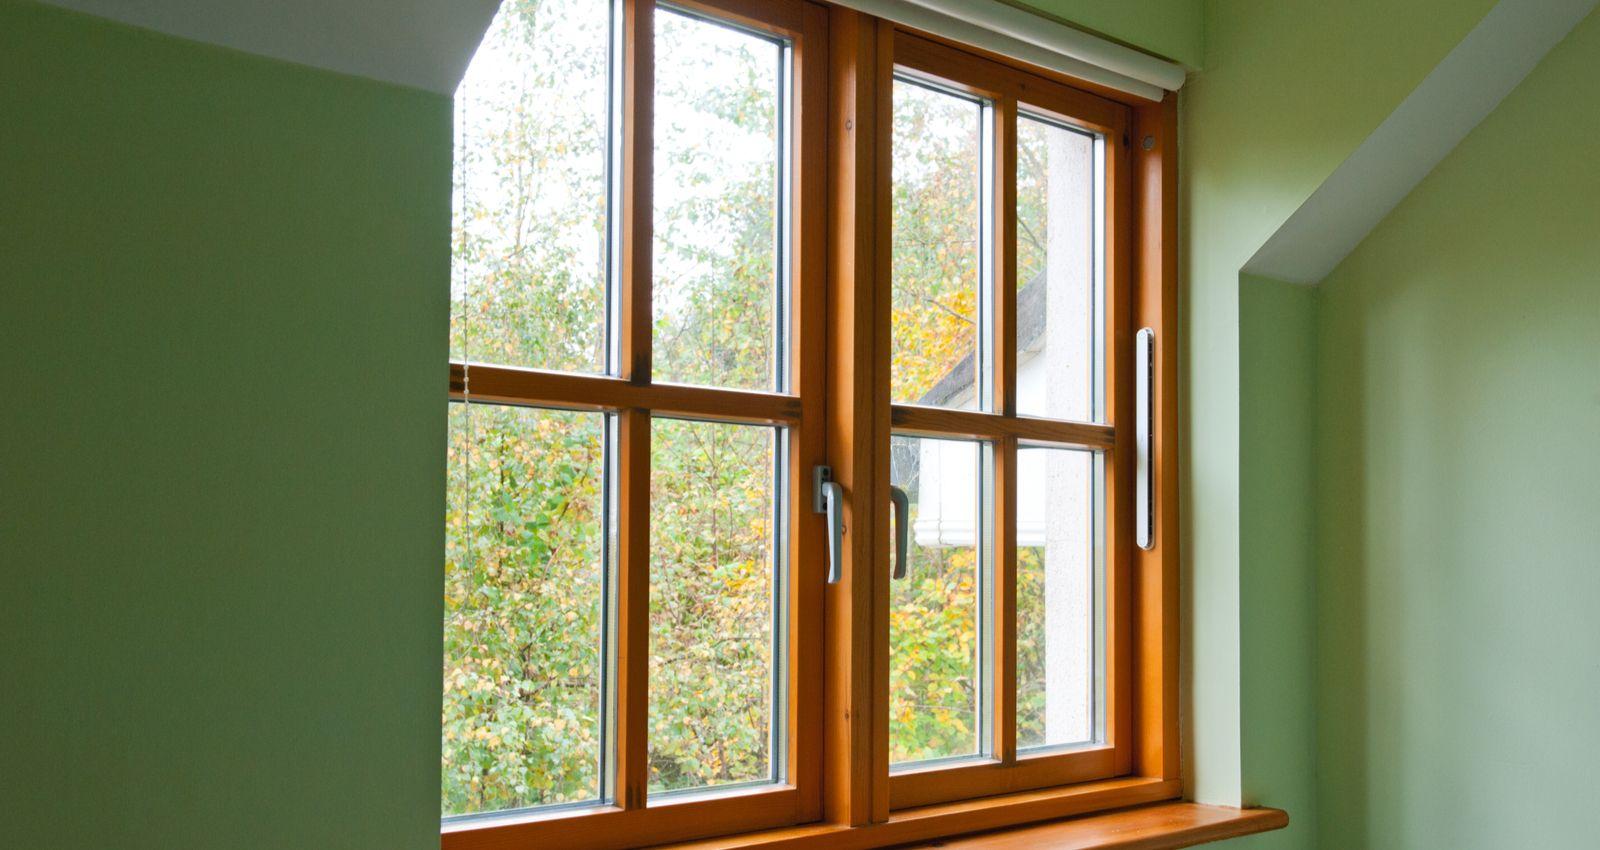 Comment Peindre Des Fenetres En Bois combien coûte l'installation, la pose d'une fenêtre en bois